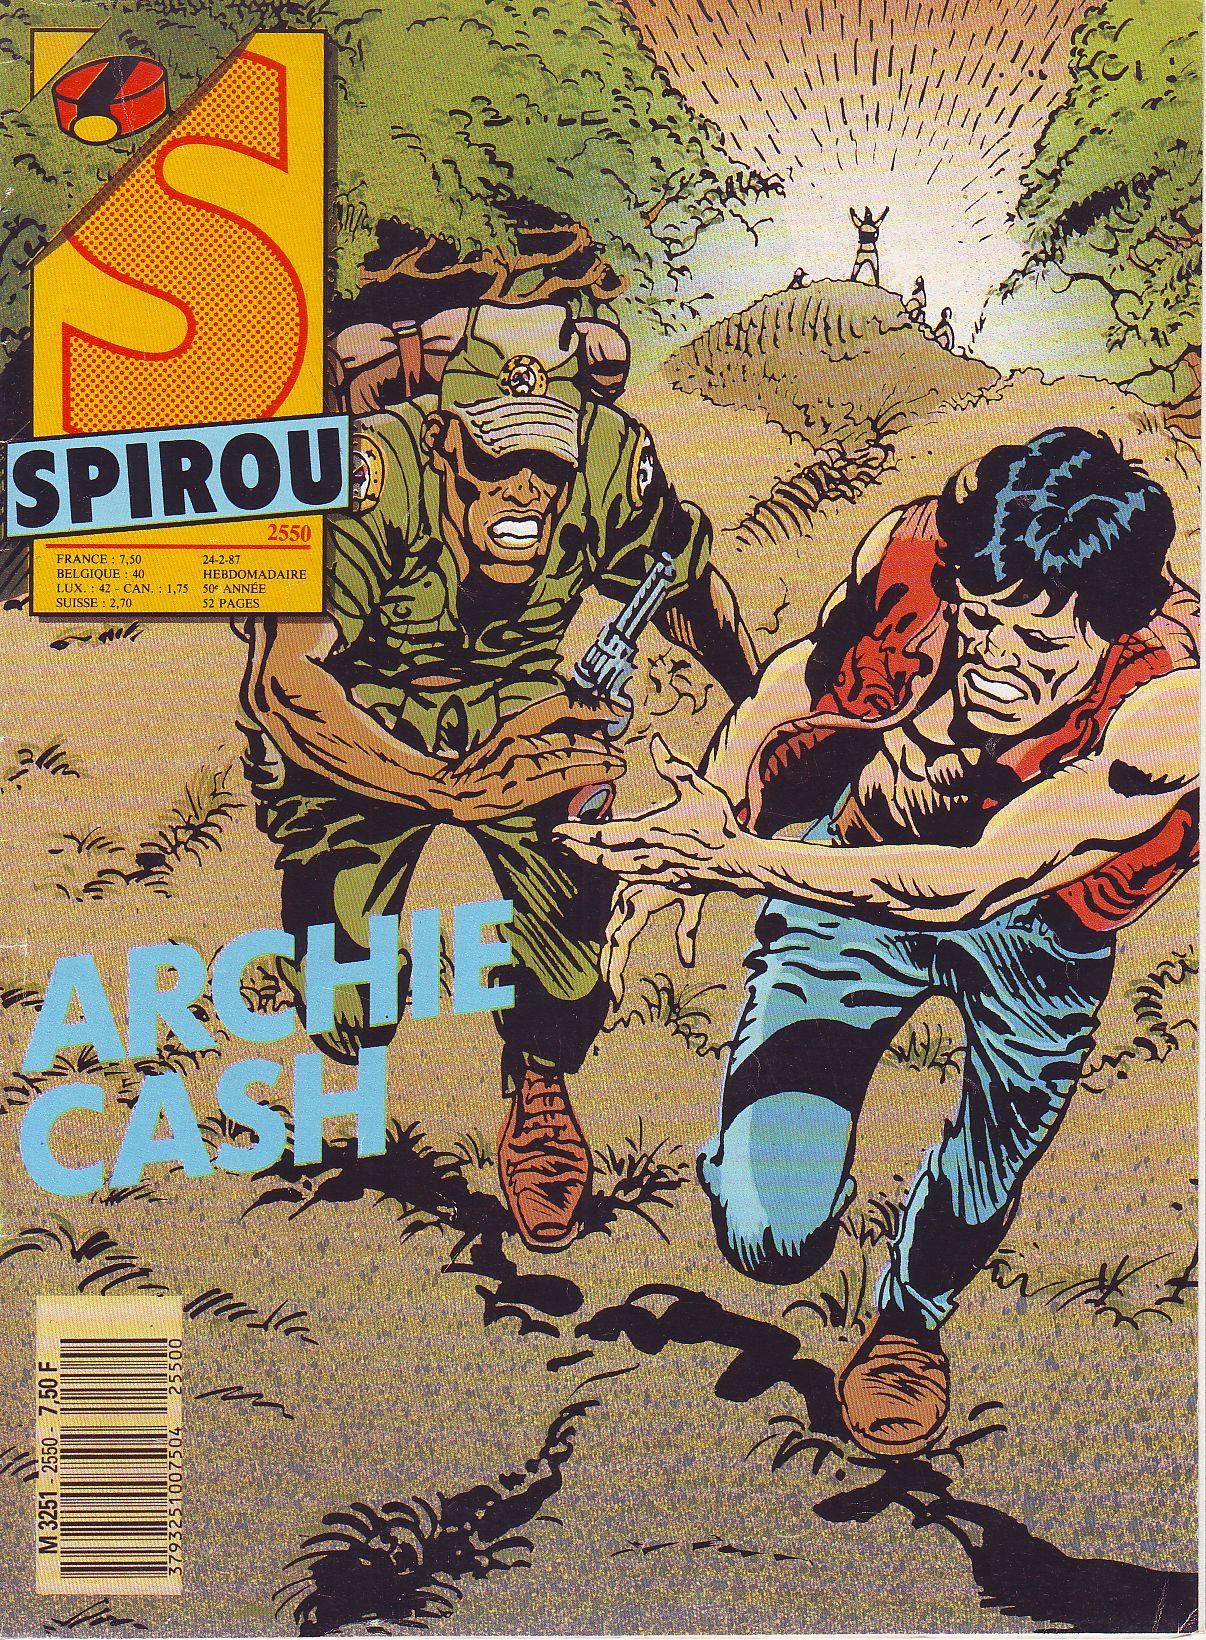 Le journal de Spirou 2550